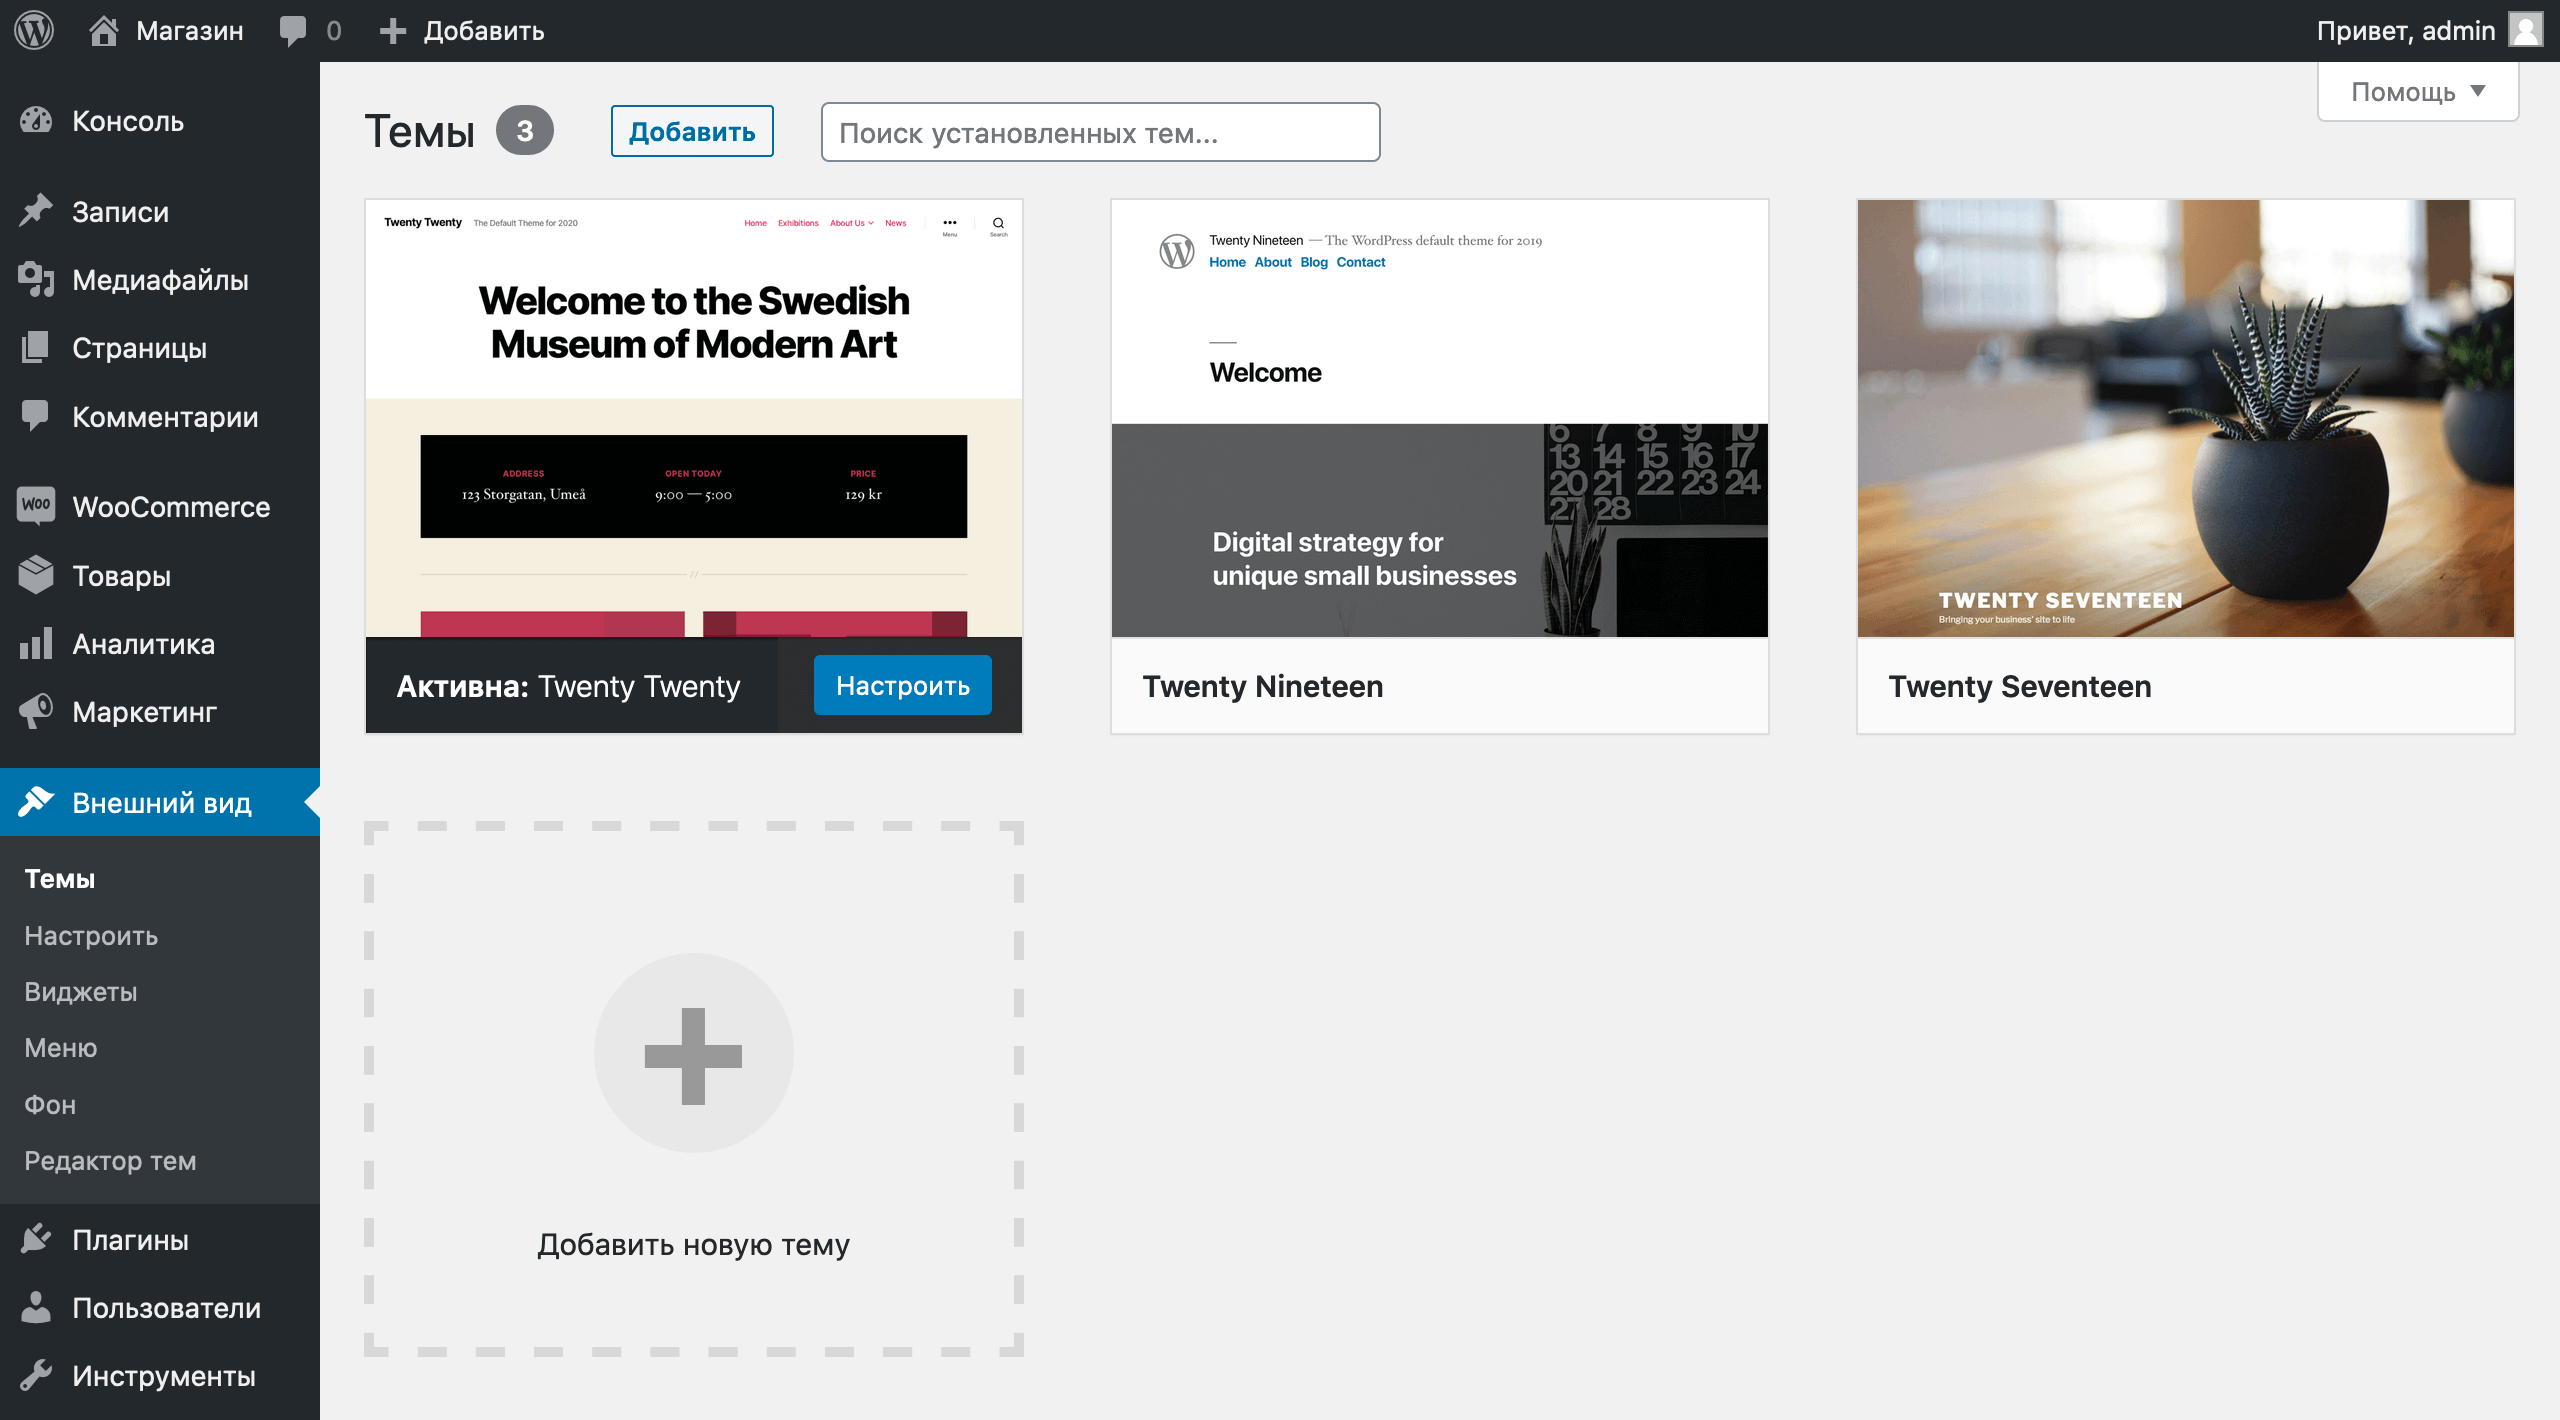 Создание интернет-магазина на WordPress: раздел «Внешний вид» – «Темы»